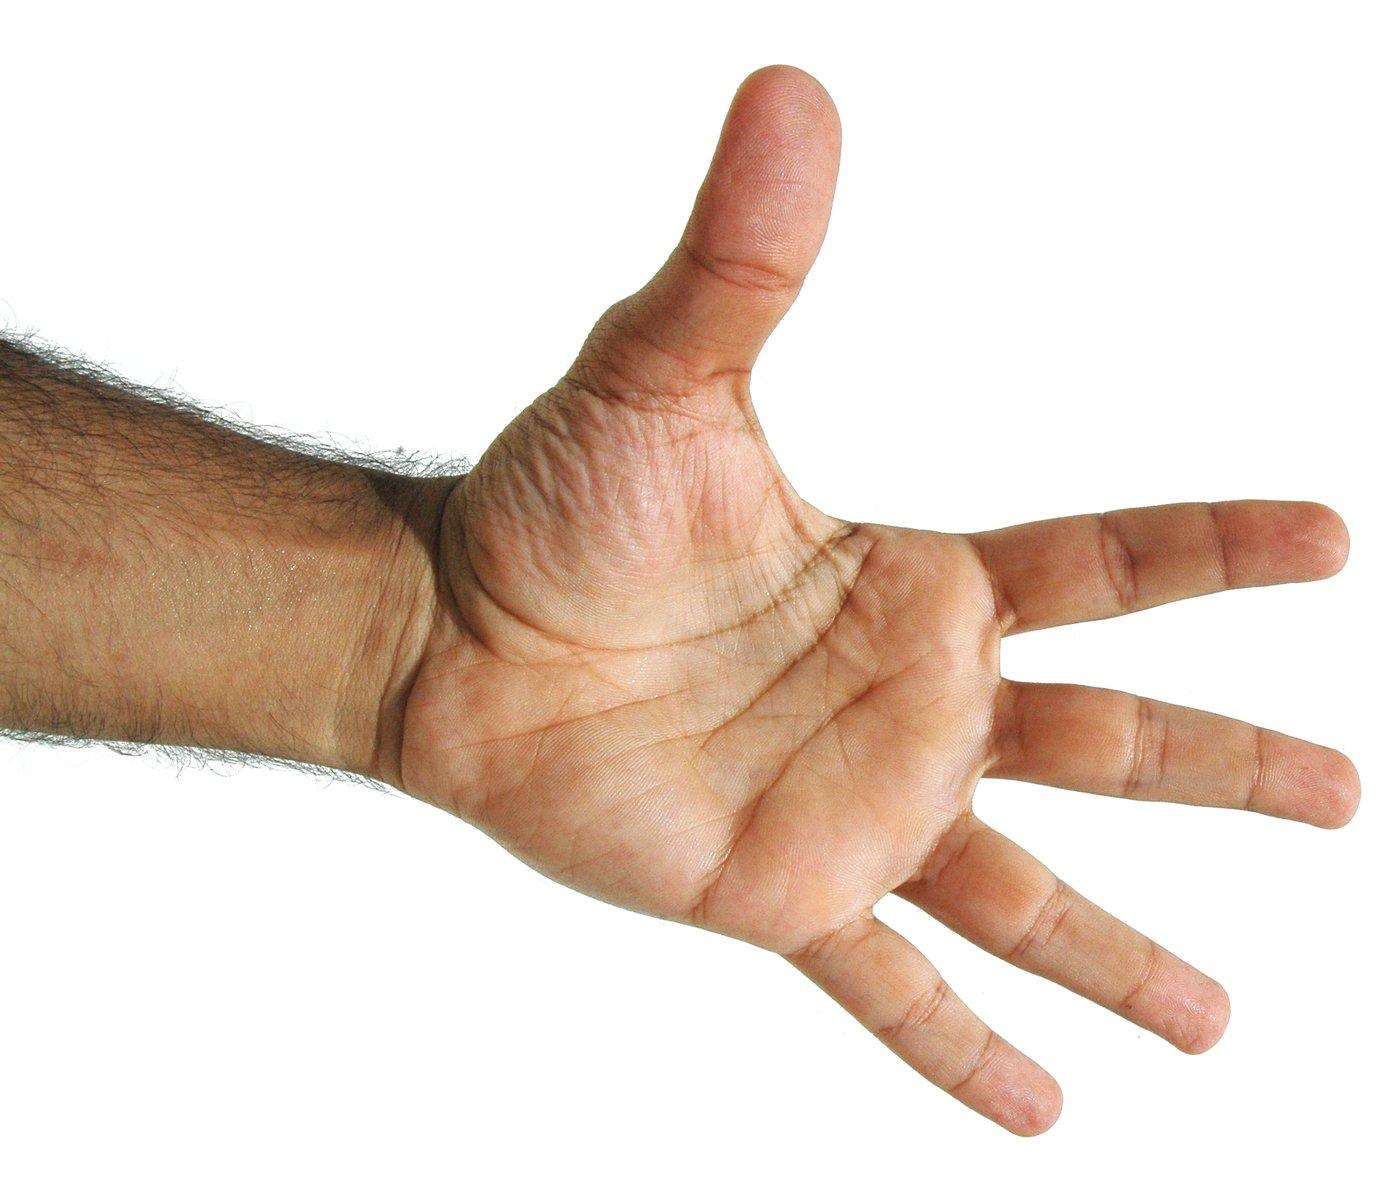 Kaygı ve endişe sorunu olanlar dikkat: 5-4-3-2-1 yöntemi sizlere göre